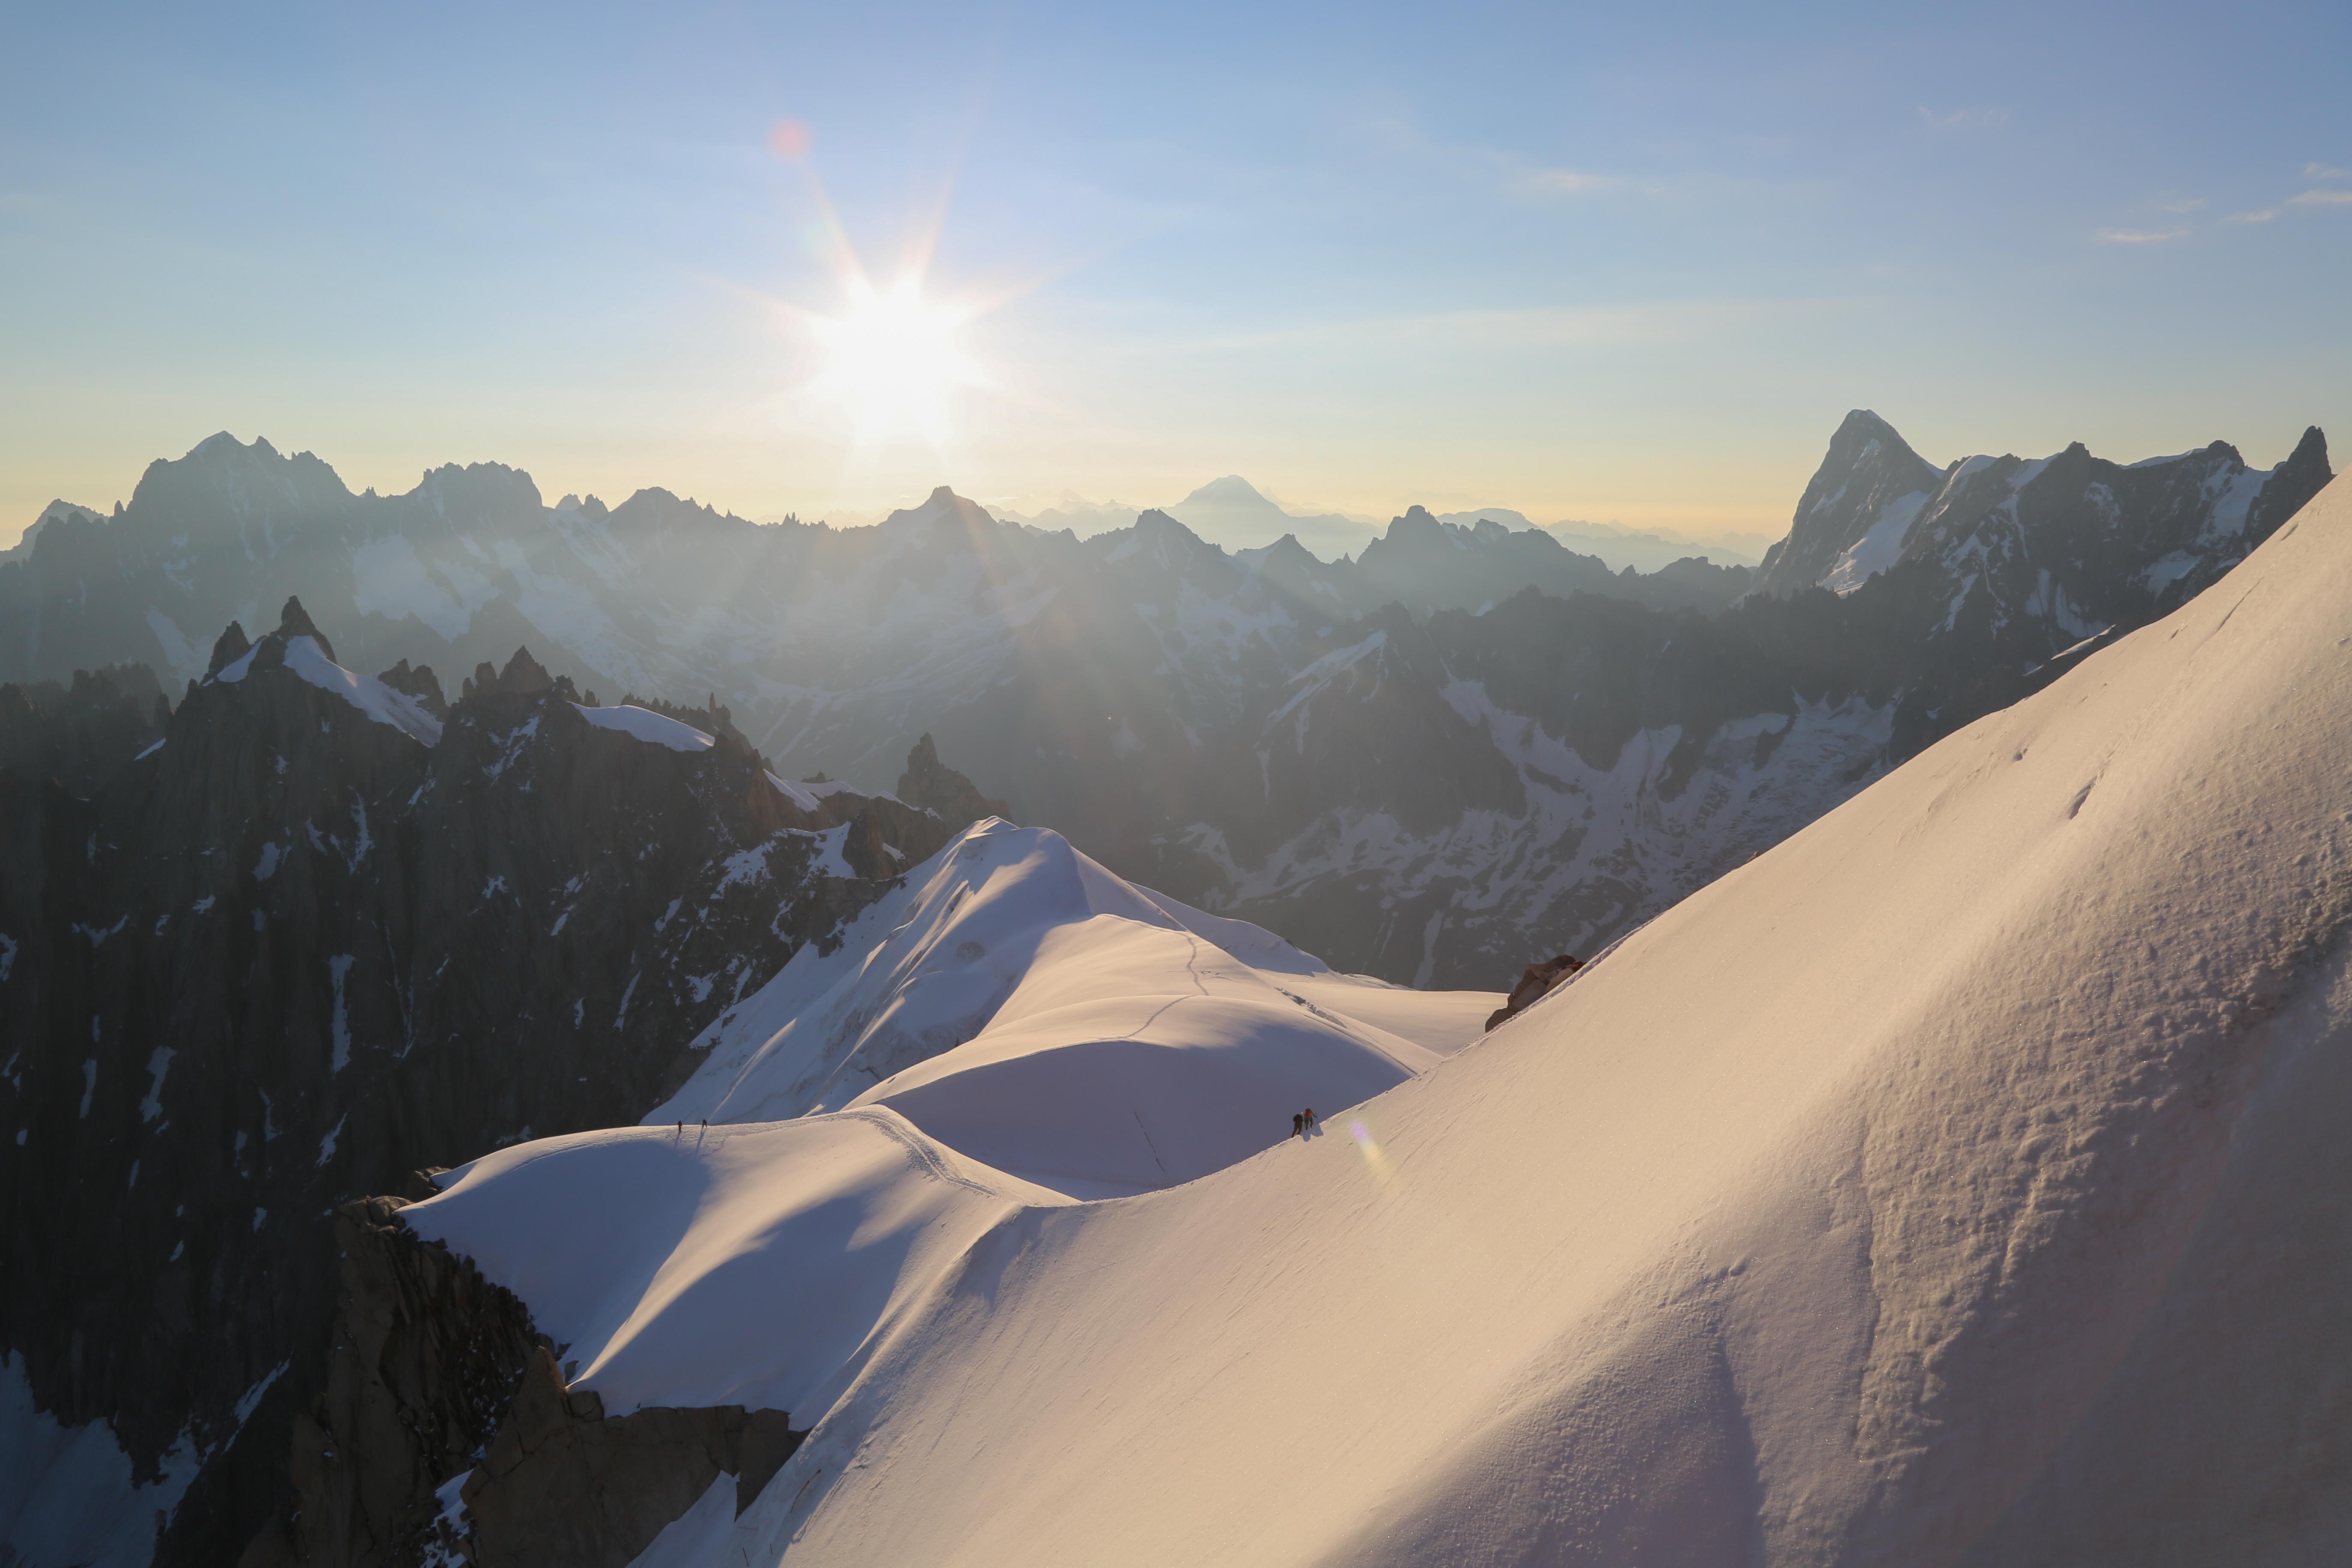 Nouvelles printanières de la Vallée de Chamonix _Office_de_Tourisme_Valle_de_Chamonix_-_Morgane_Raylat_1_sur_64